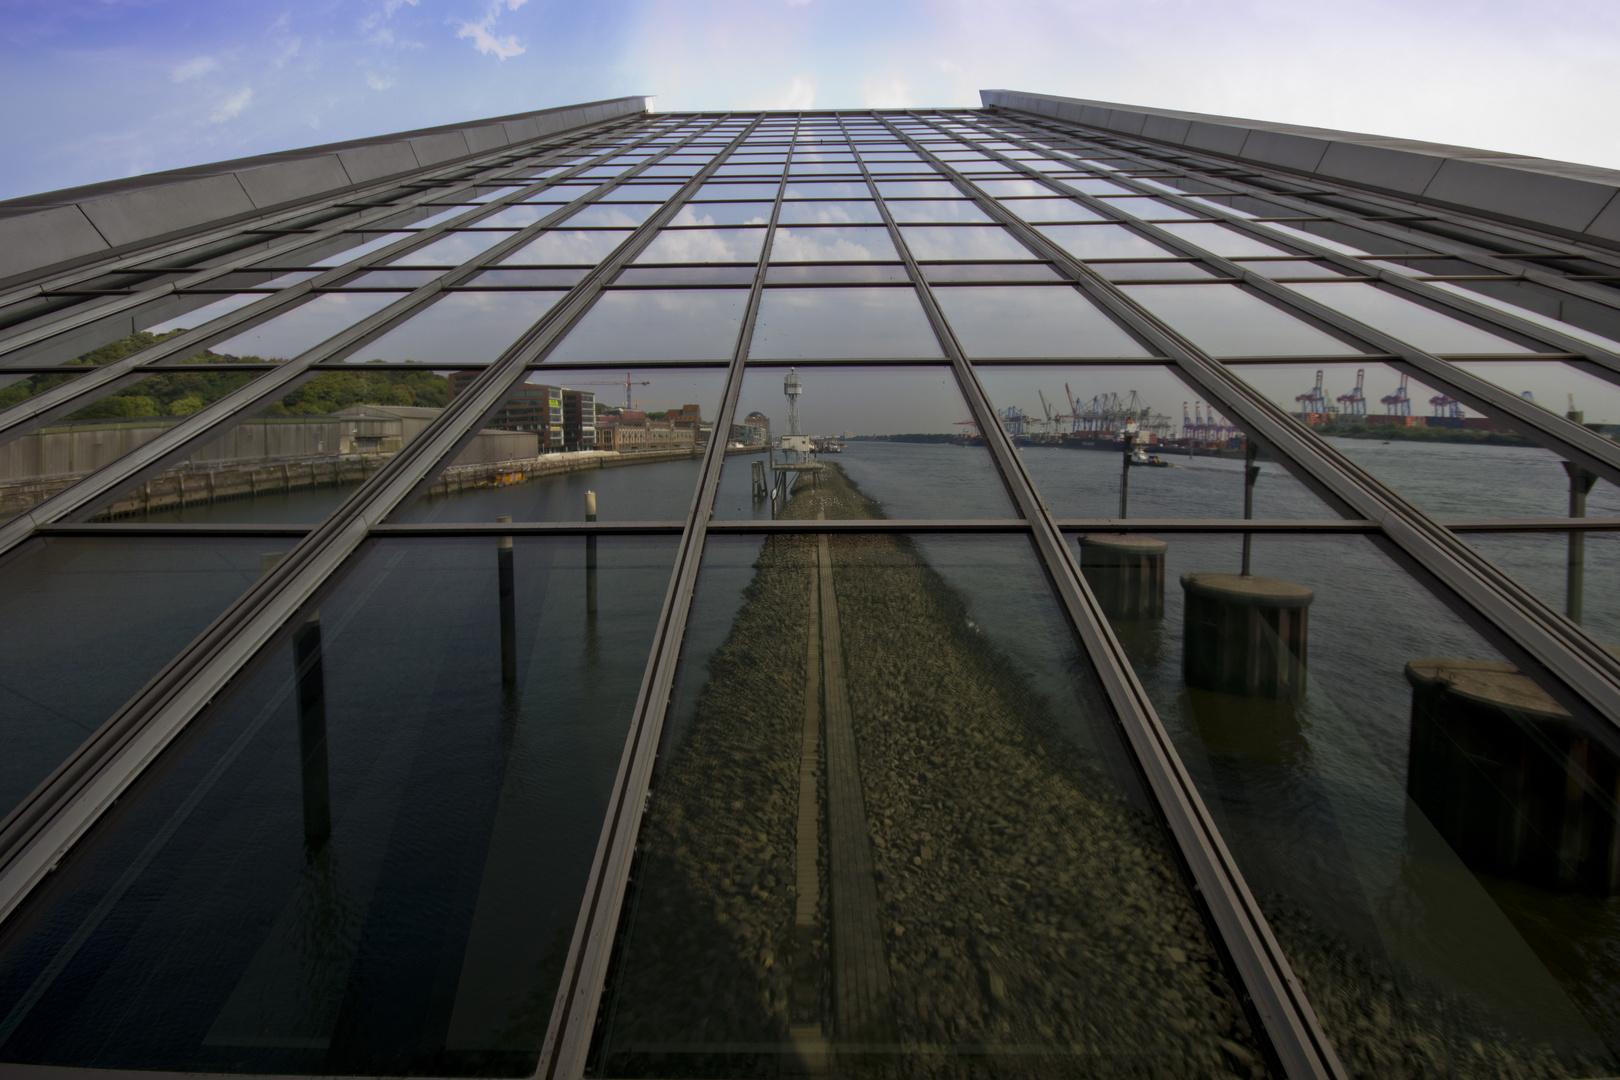 Dockland Spiegelung